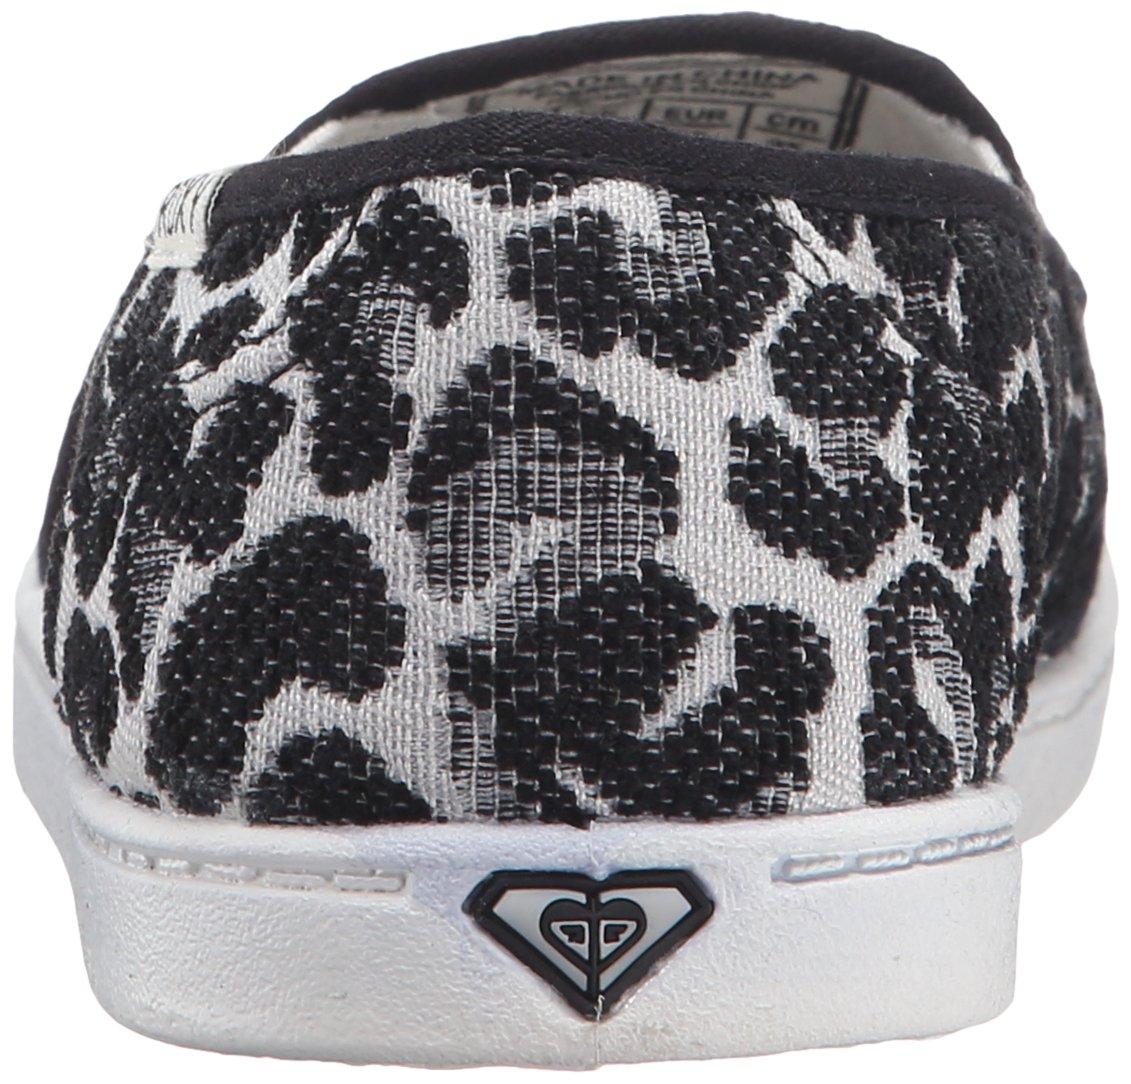 Roxy Women's Lido Iii Slip-on Shoes Flat, Black/Black/Dark Grey, 7 M US by Roxy (Image #2)